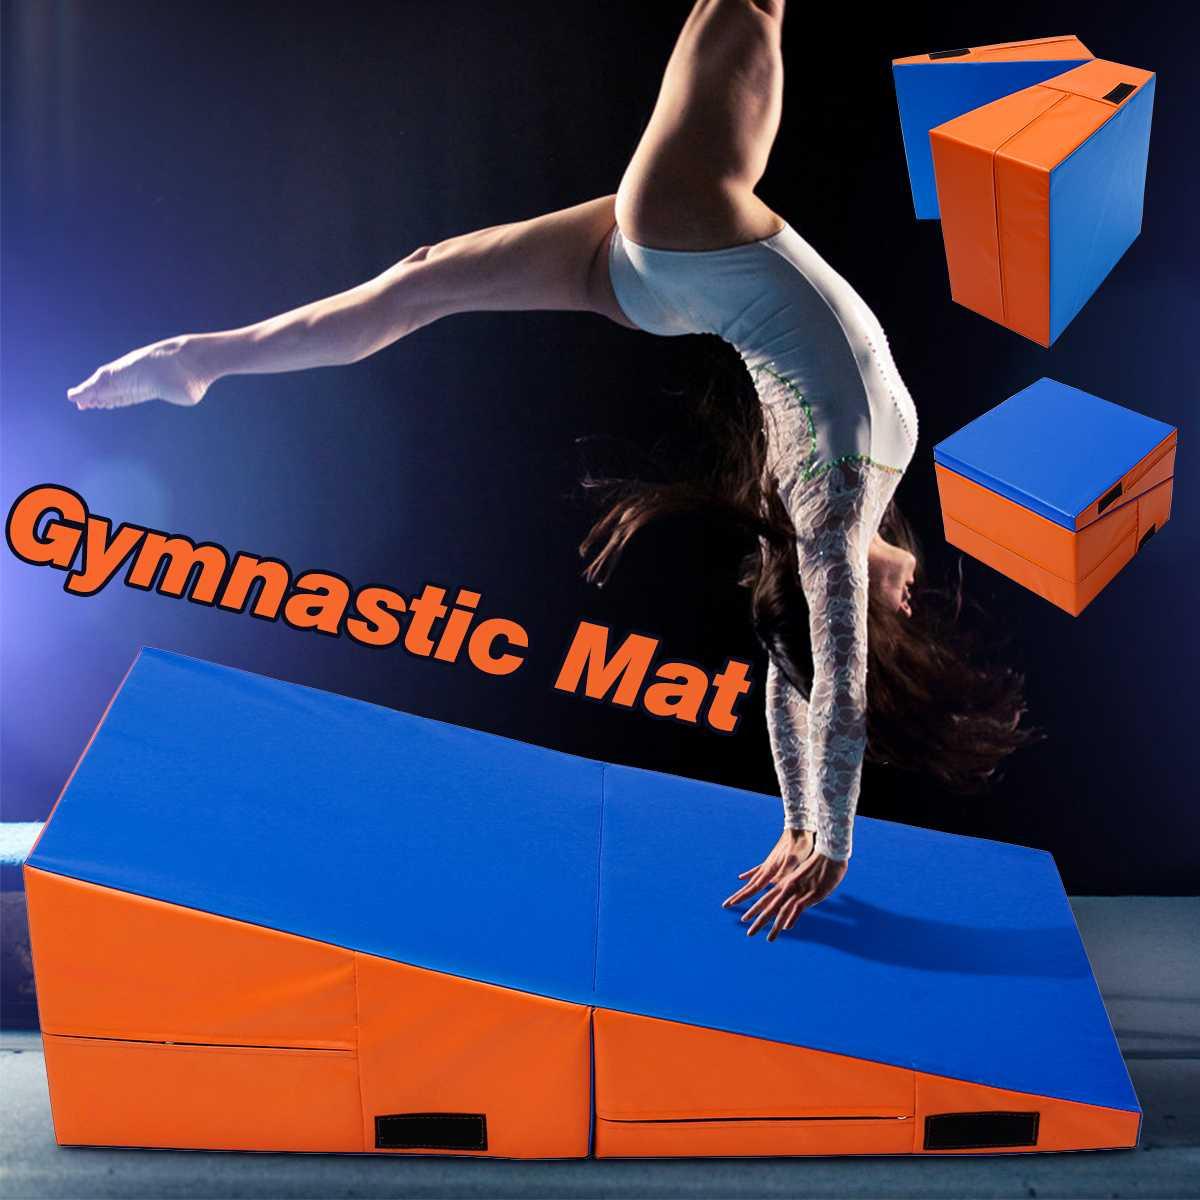 Pochylenie składana mata gimnastyczna PU pianka wypełnienie umiejętność bębnowanie mata gimnastyczna rampa sprzęt do ćwiczeń 3 rozmiary bezpieczne ćwiczenia